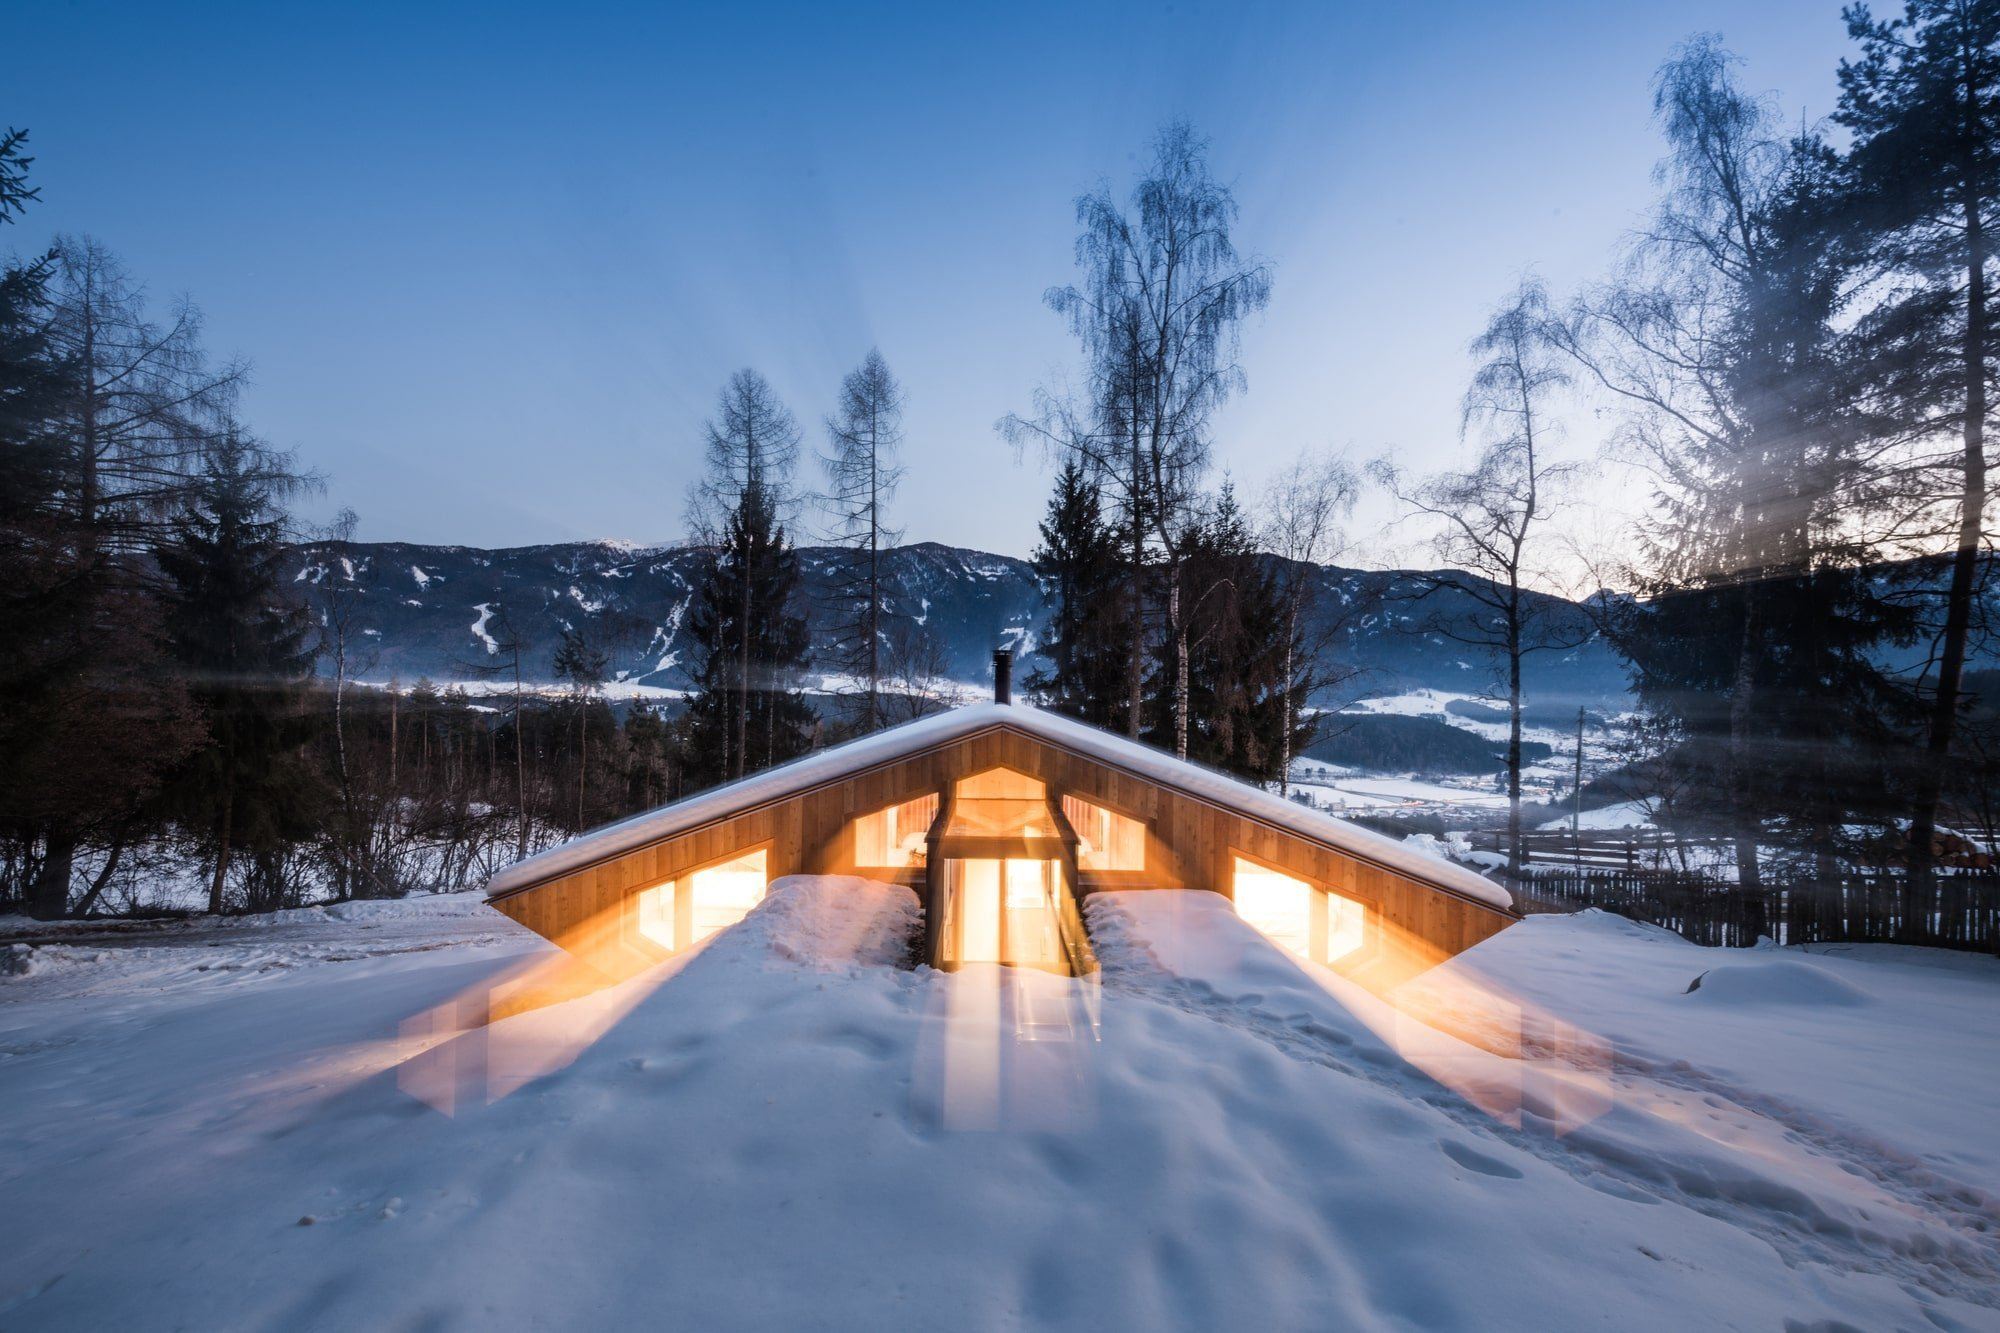 Malá chata vypadá po rekonstrukci jako UFO